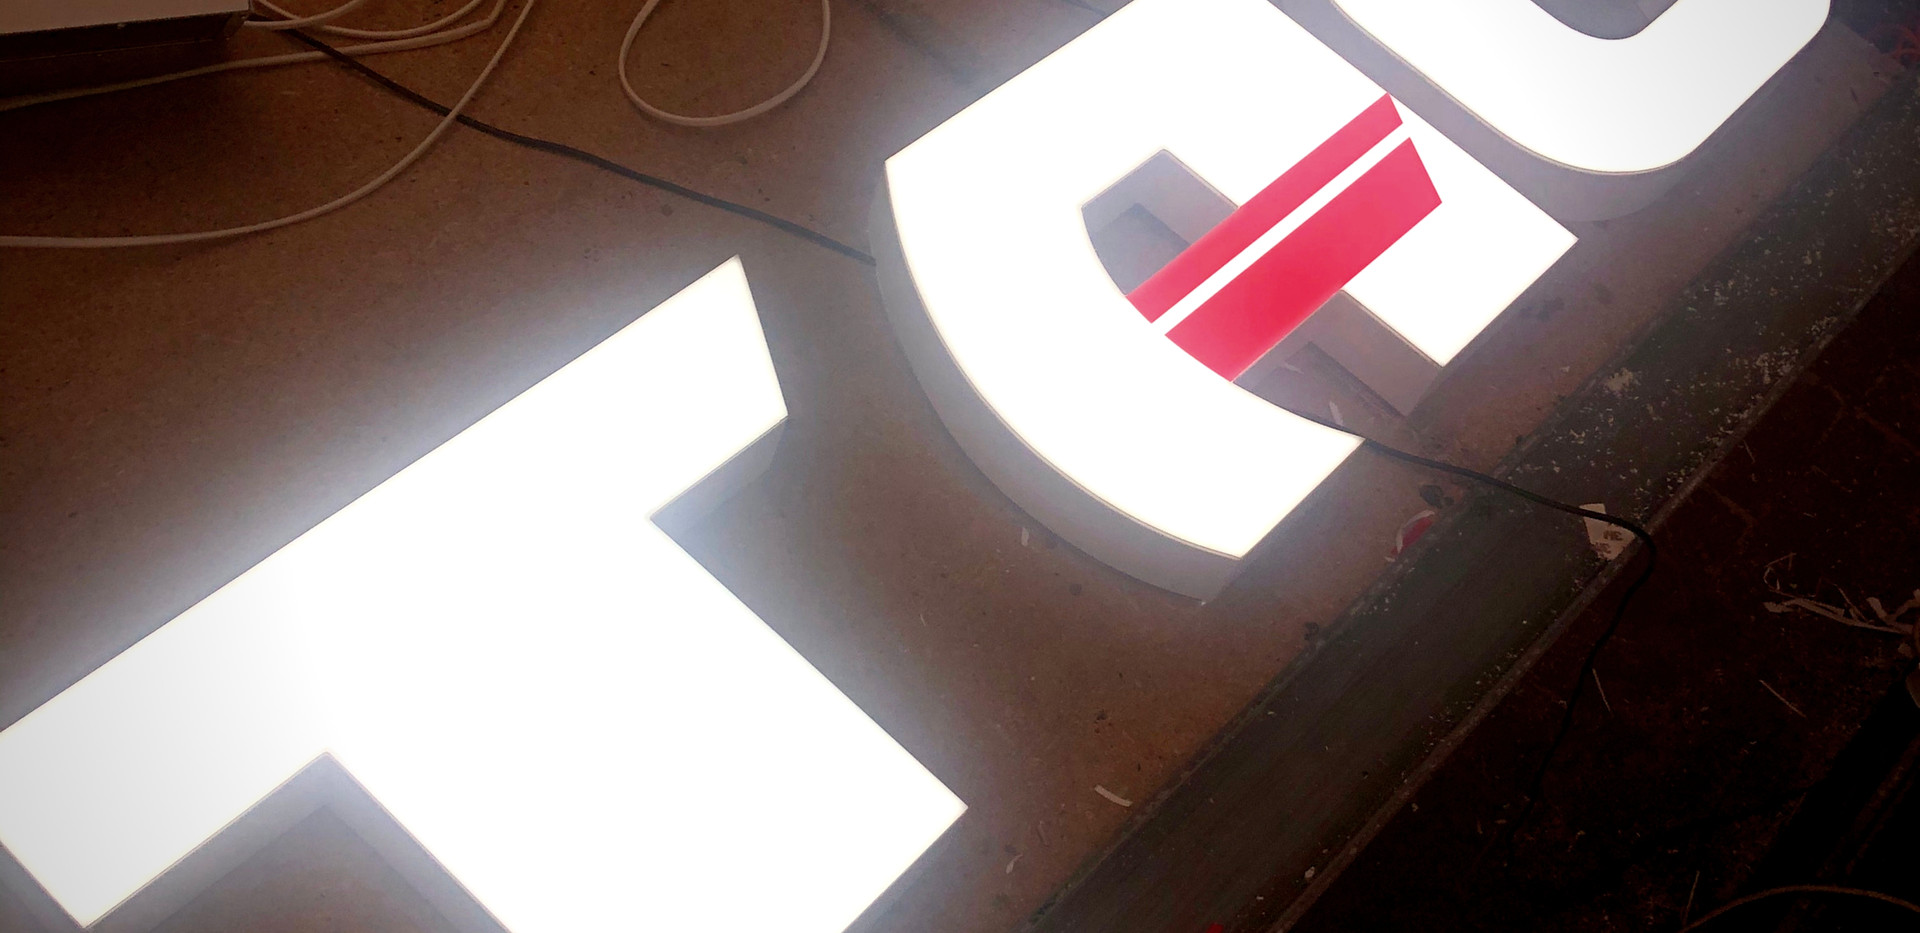 Буквы для отделения страховой компании.J